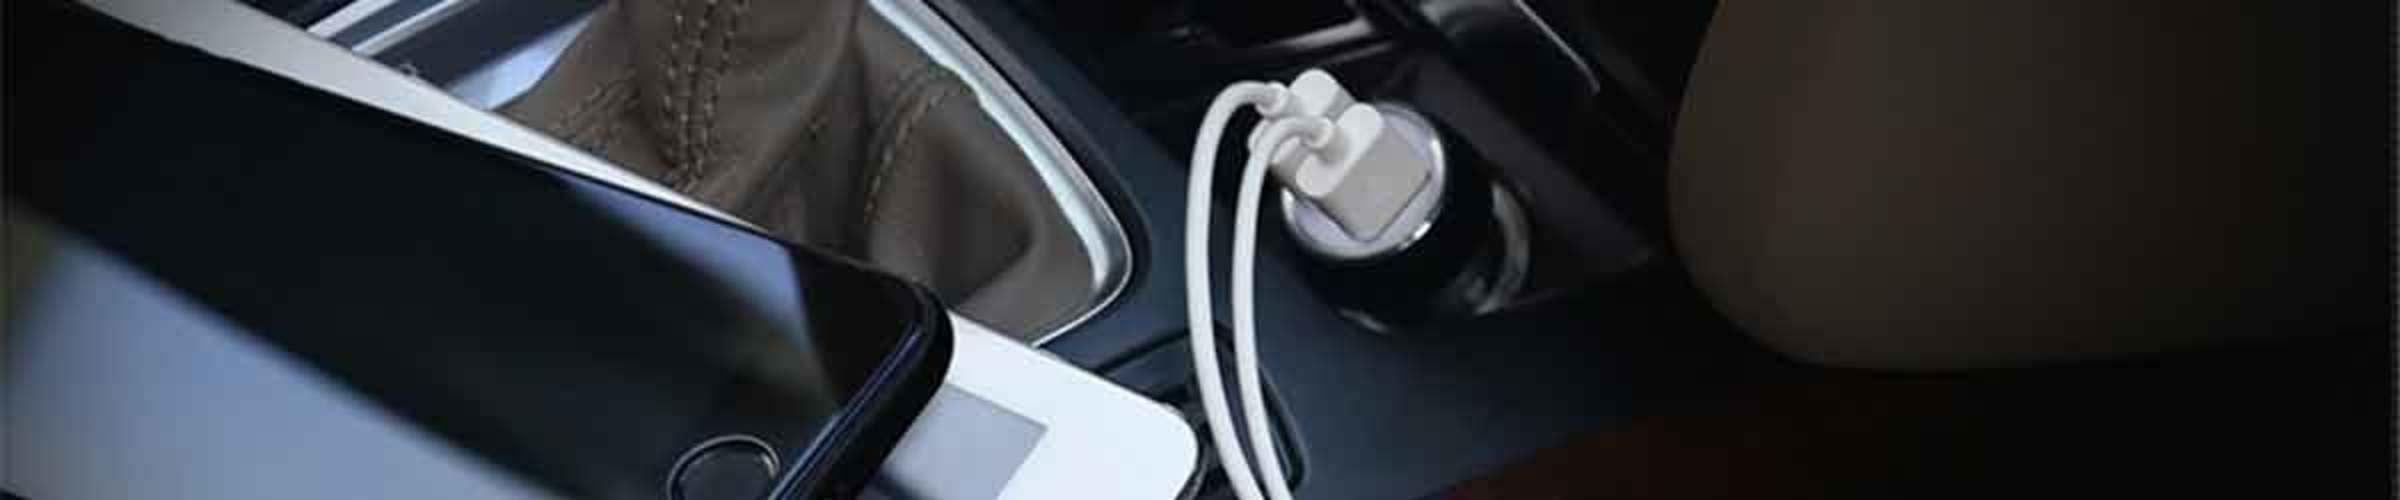 Подробный обзор USB зарядки в прикуриватель от Benks